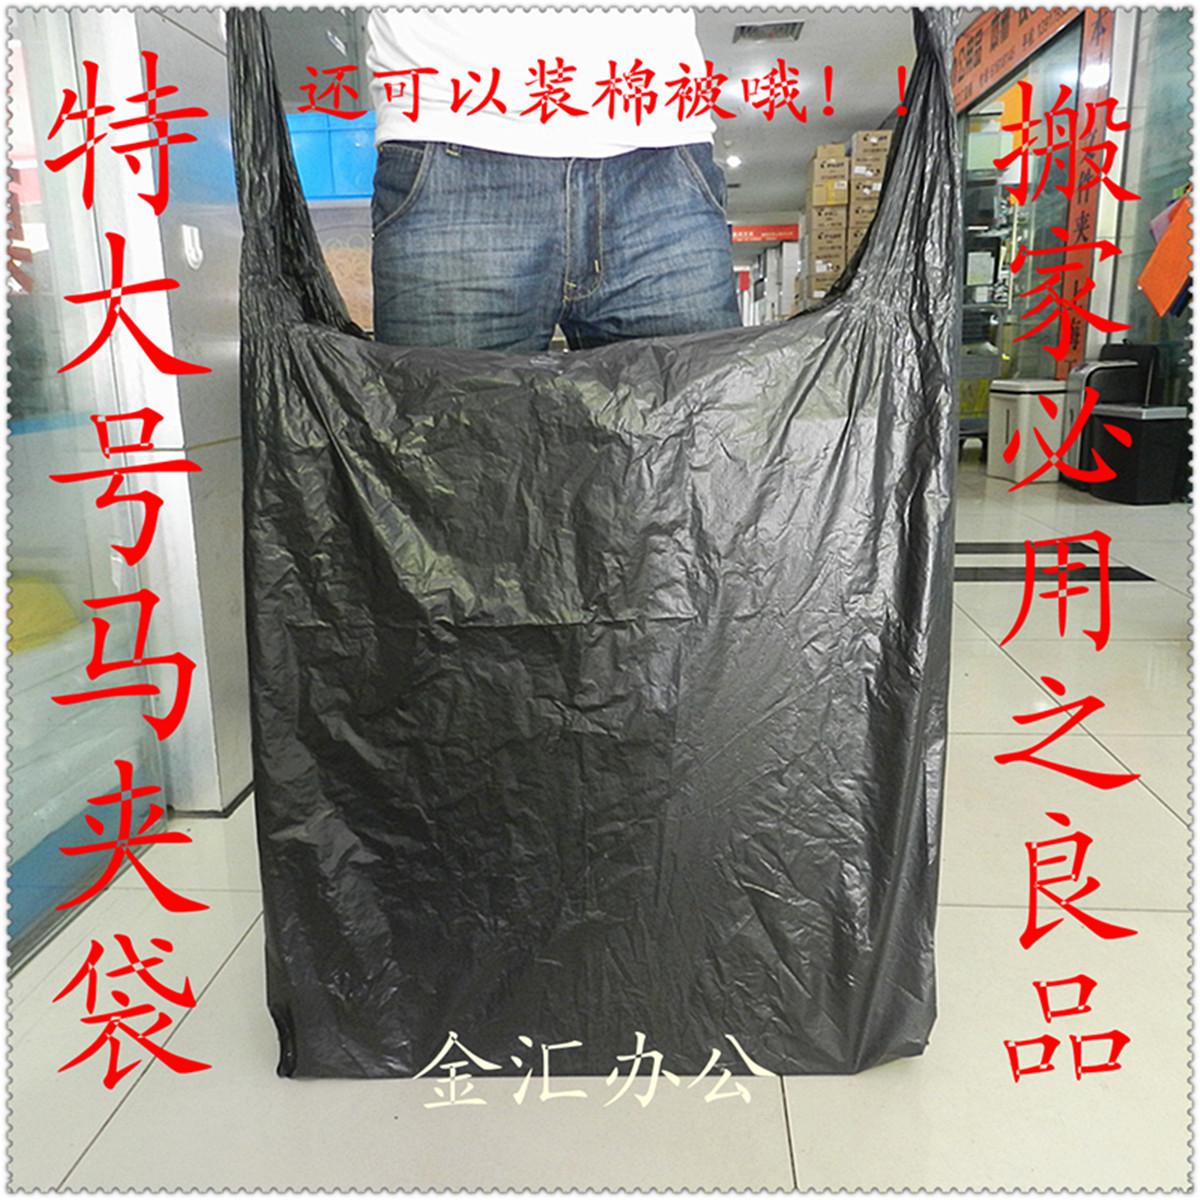 满49元全国包邮 特大号黑色塑料袋马甲袋马夹袋搬家收纳袋88CM